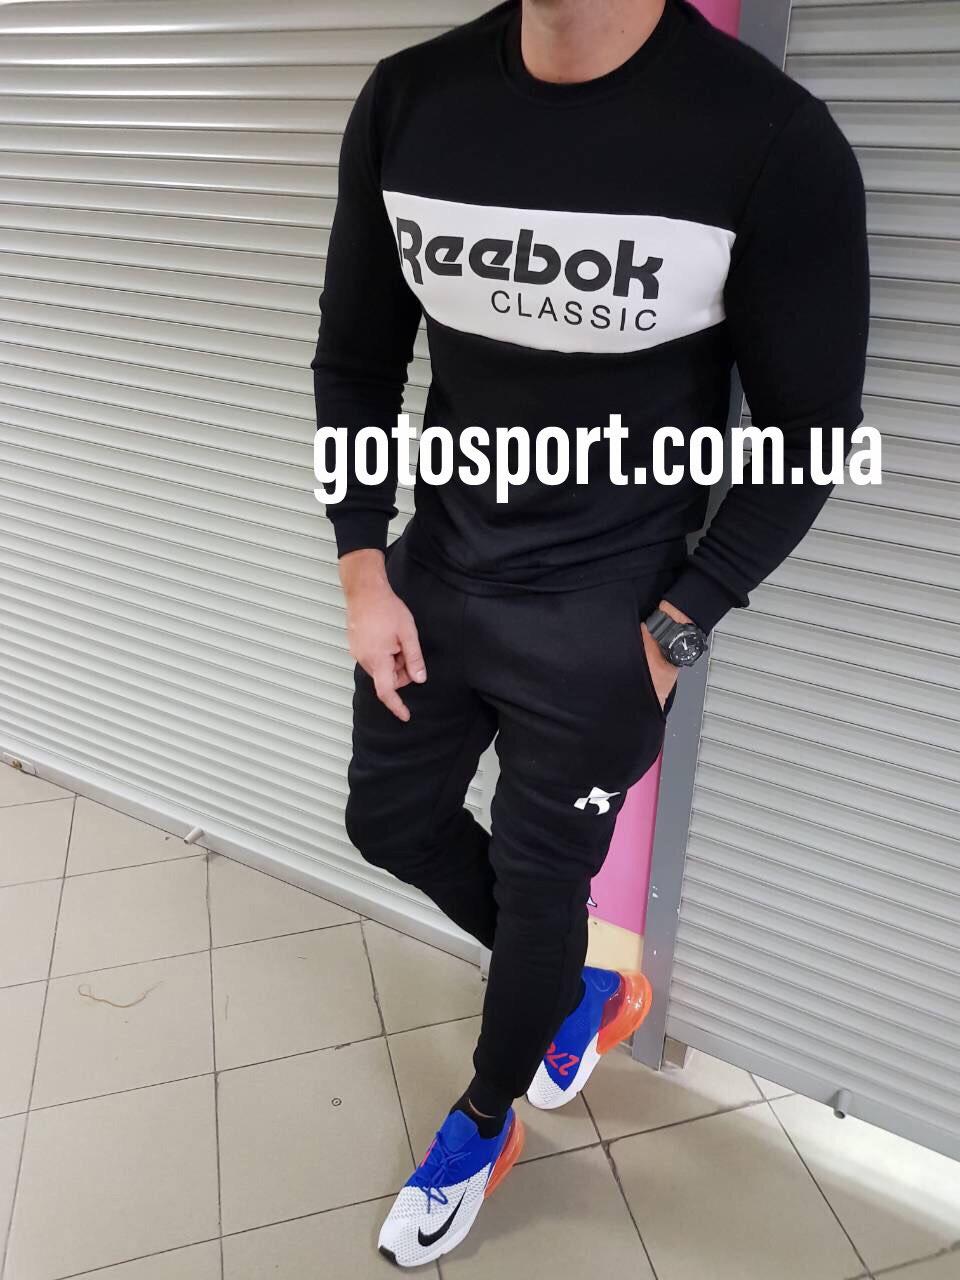 7a46f7ad Теплый мужской спортивный костюм Reebok - Интернет-магазин спортивной одежды